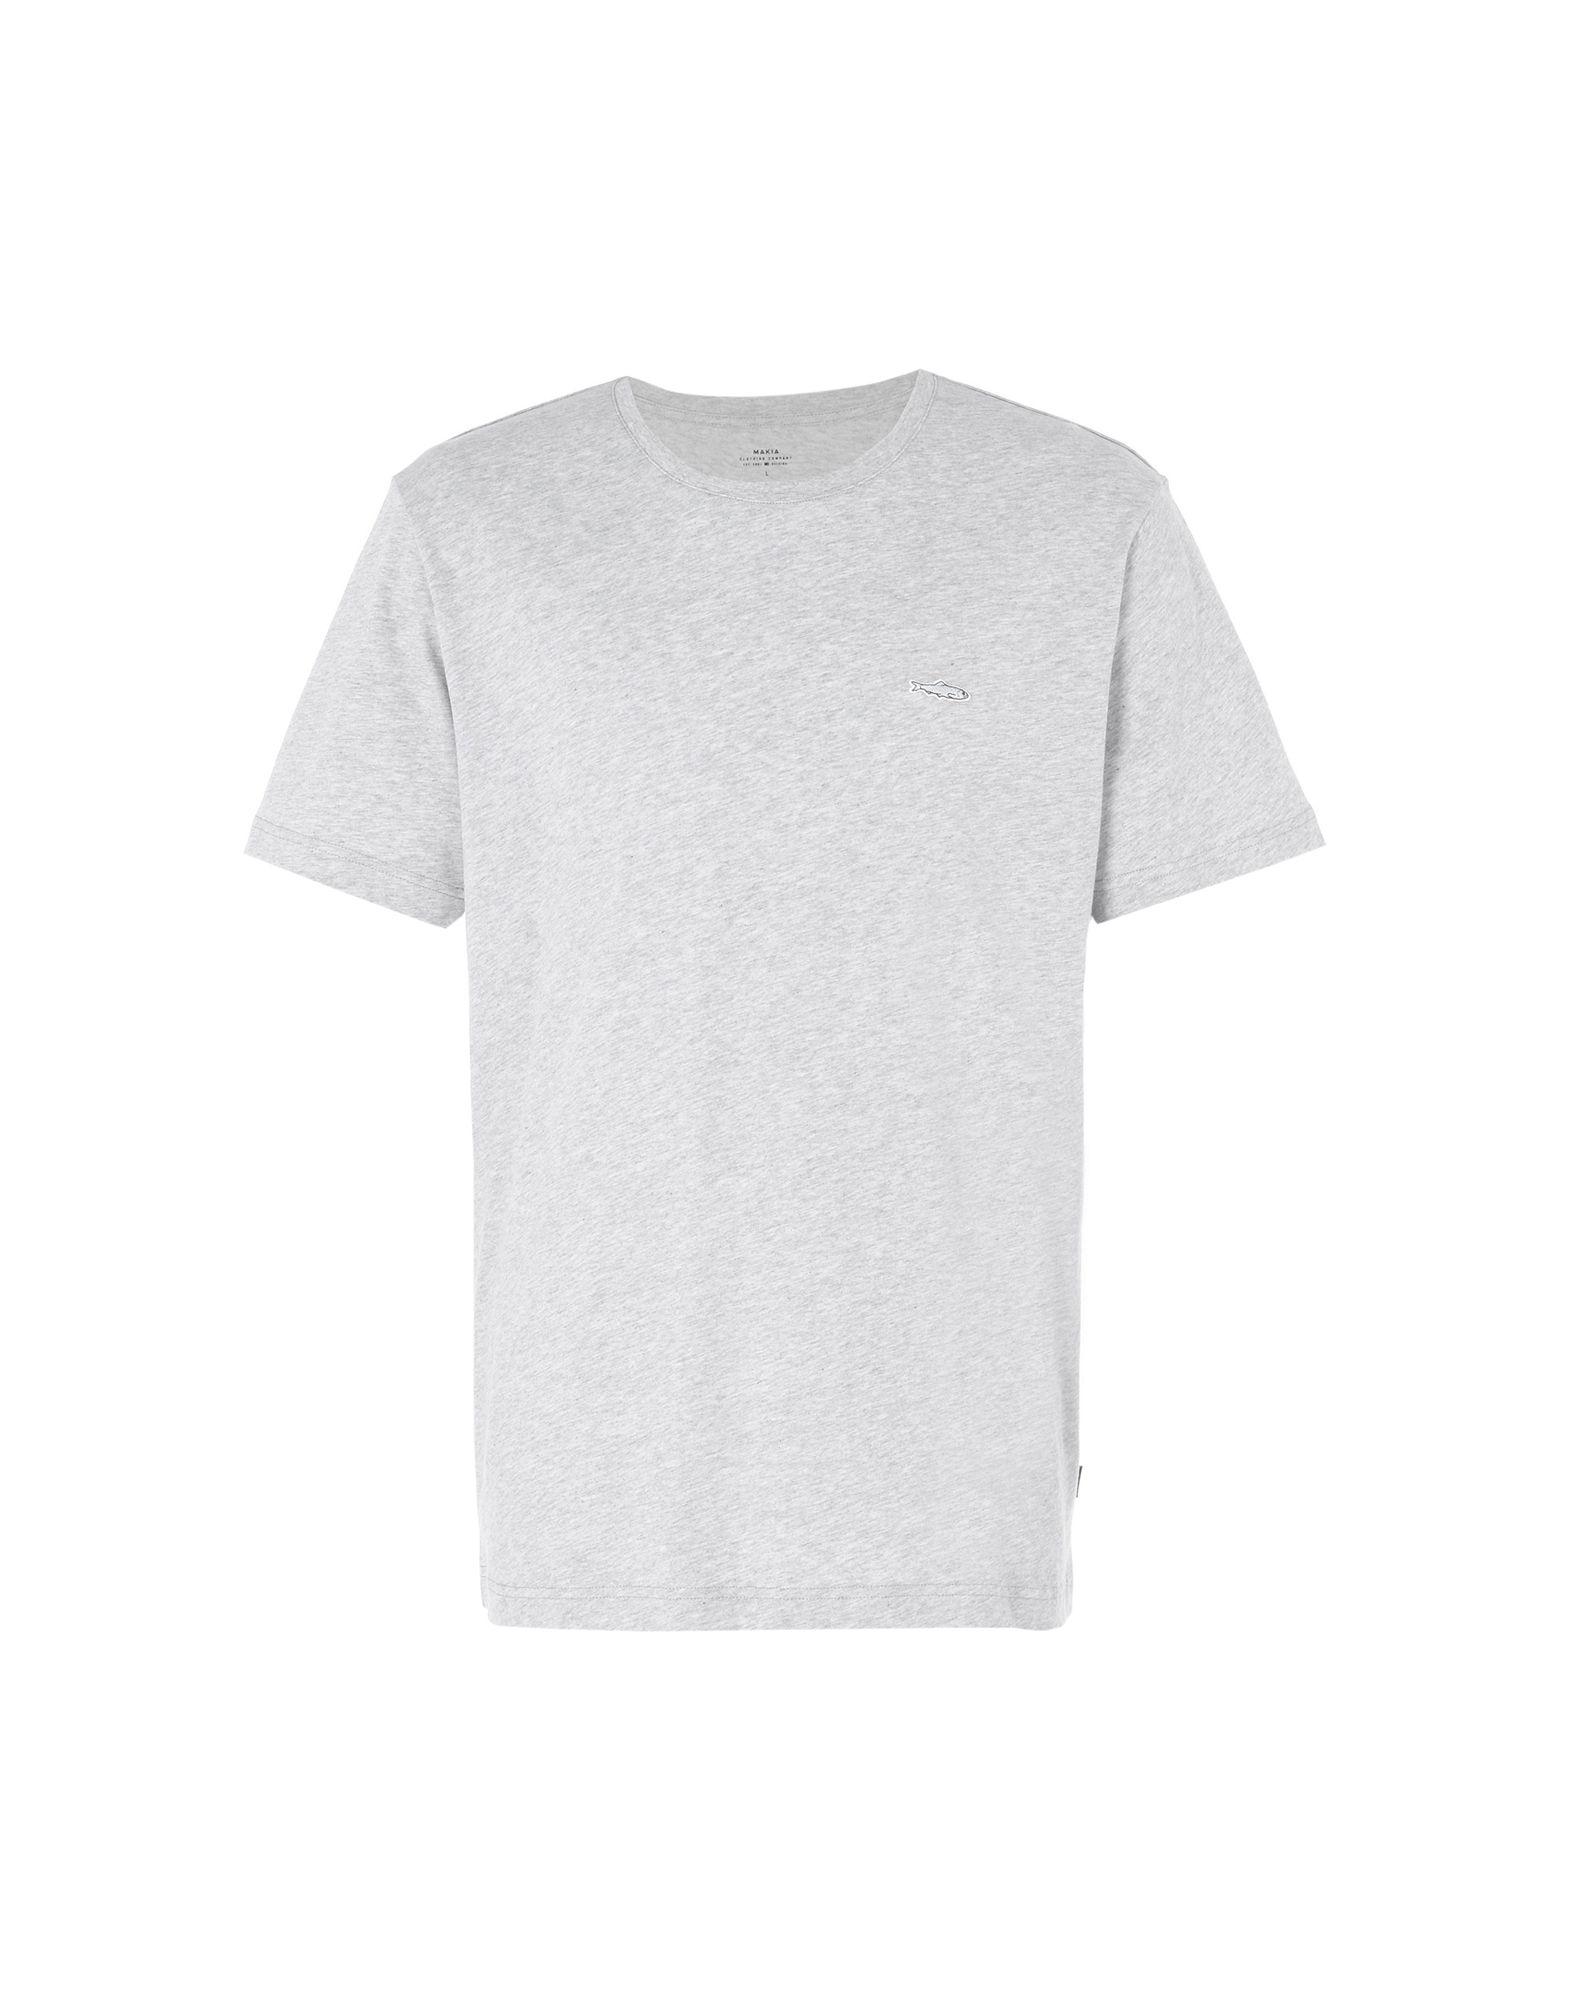 《期間限定セール開催中!》MAKIA メンズ T シャツ ライトグレー S コットン 100% HERRING T-SHIRT